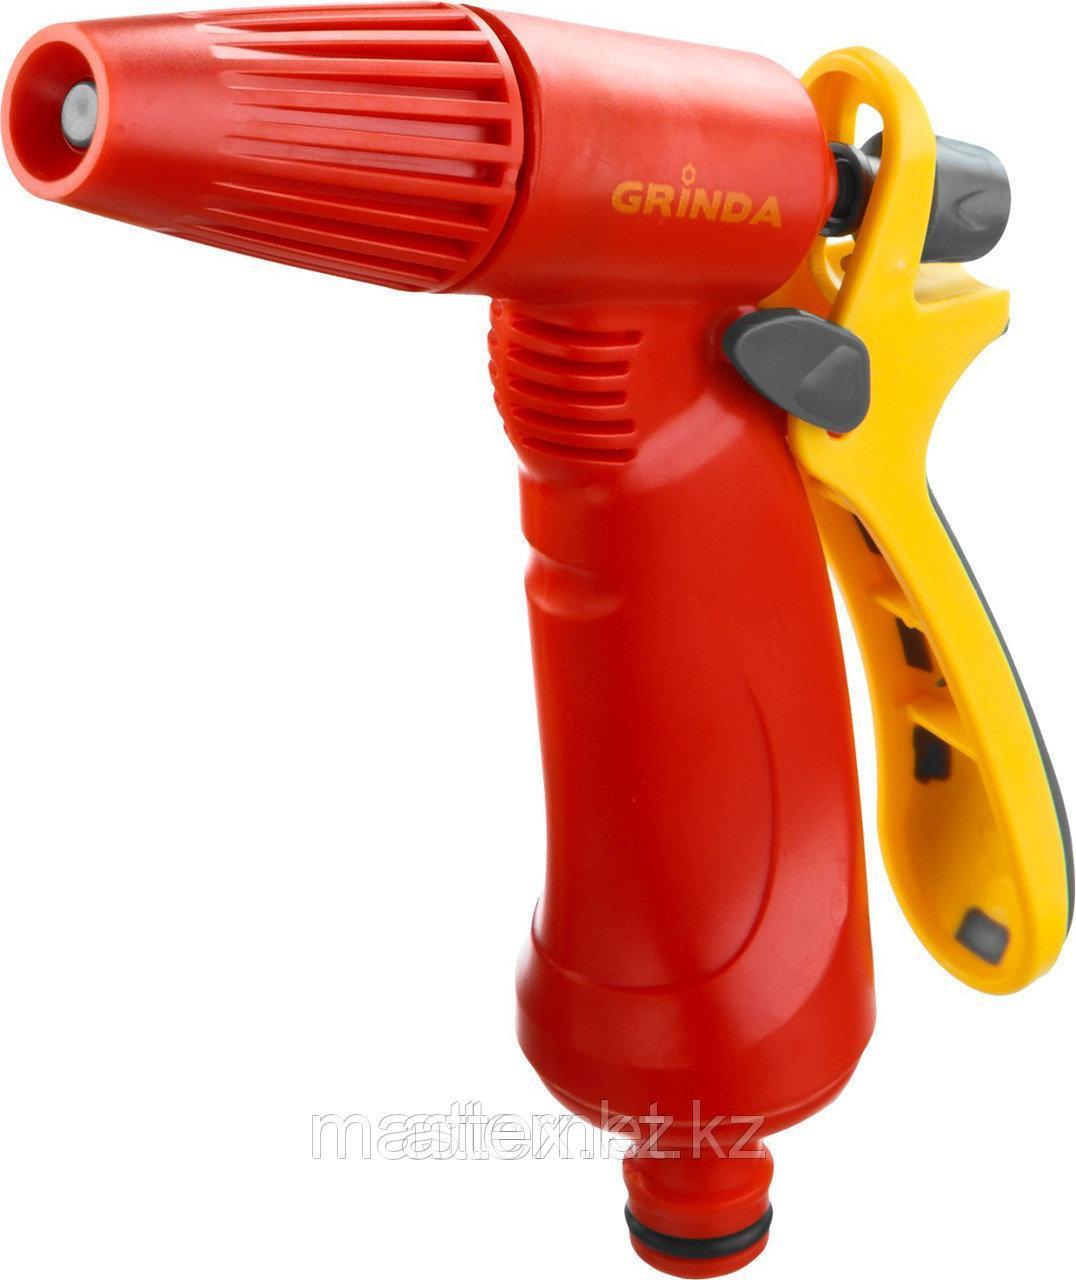 Распылитель GRINDA поливочный пластиковый, тип пистолетный, регулируемое сопло 8-427361_z02